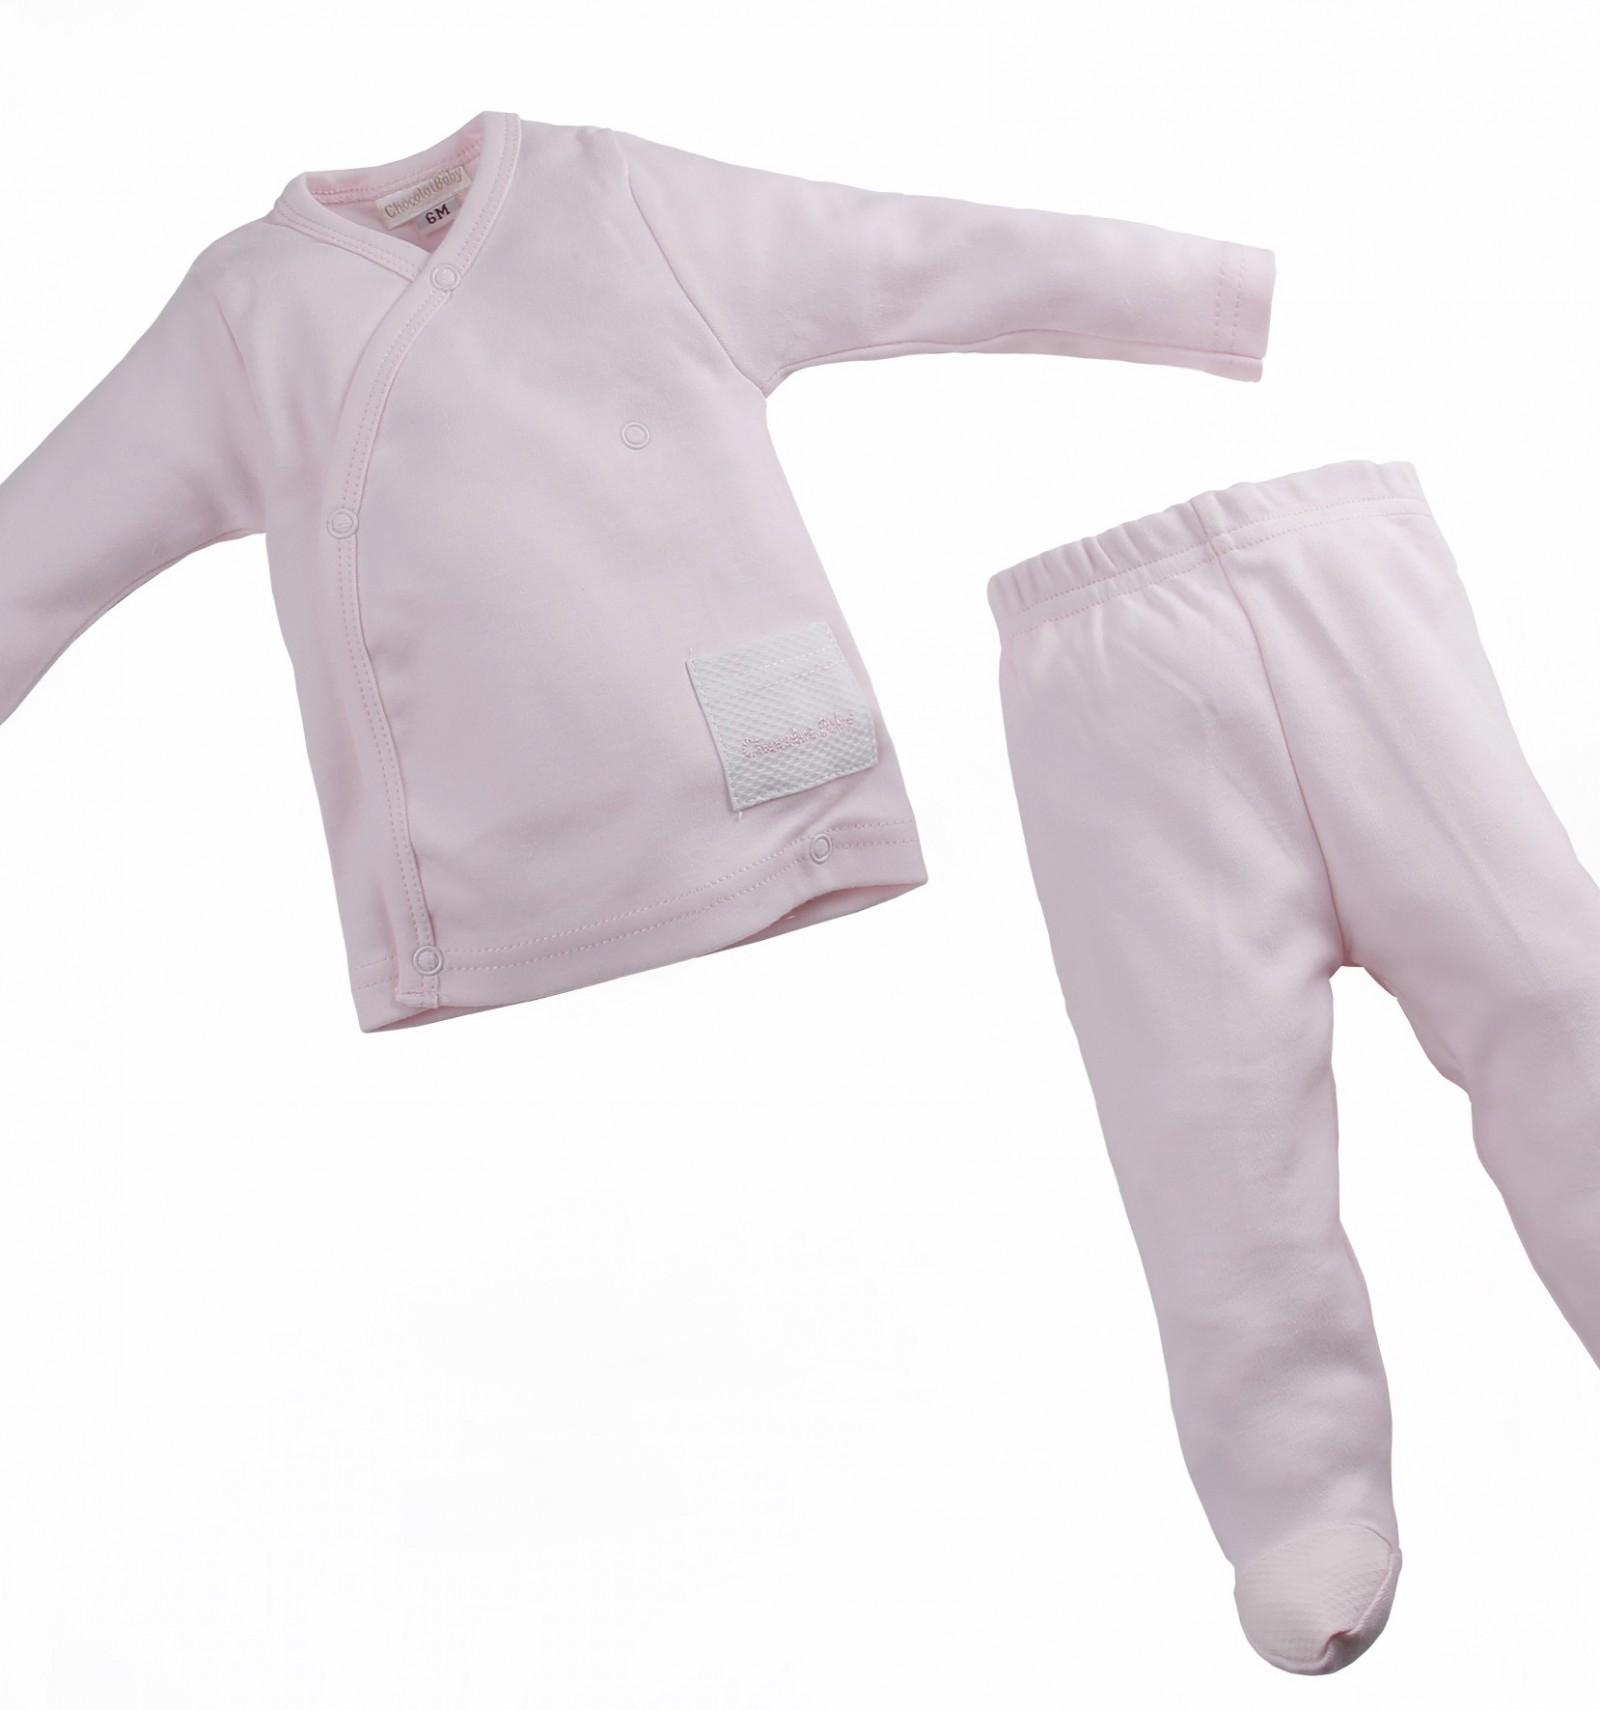 Pijama de dos piezas con el cuerpo cruzado para beb s for Piezas para bebes